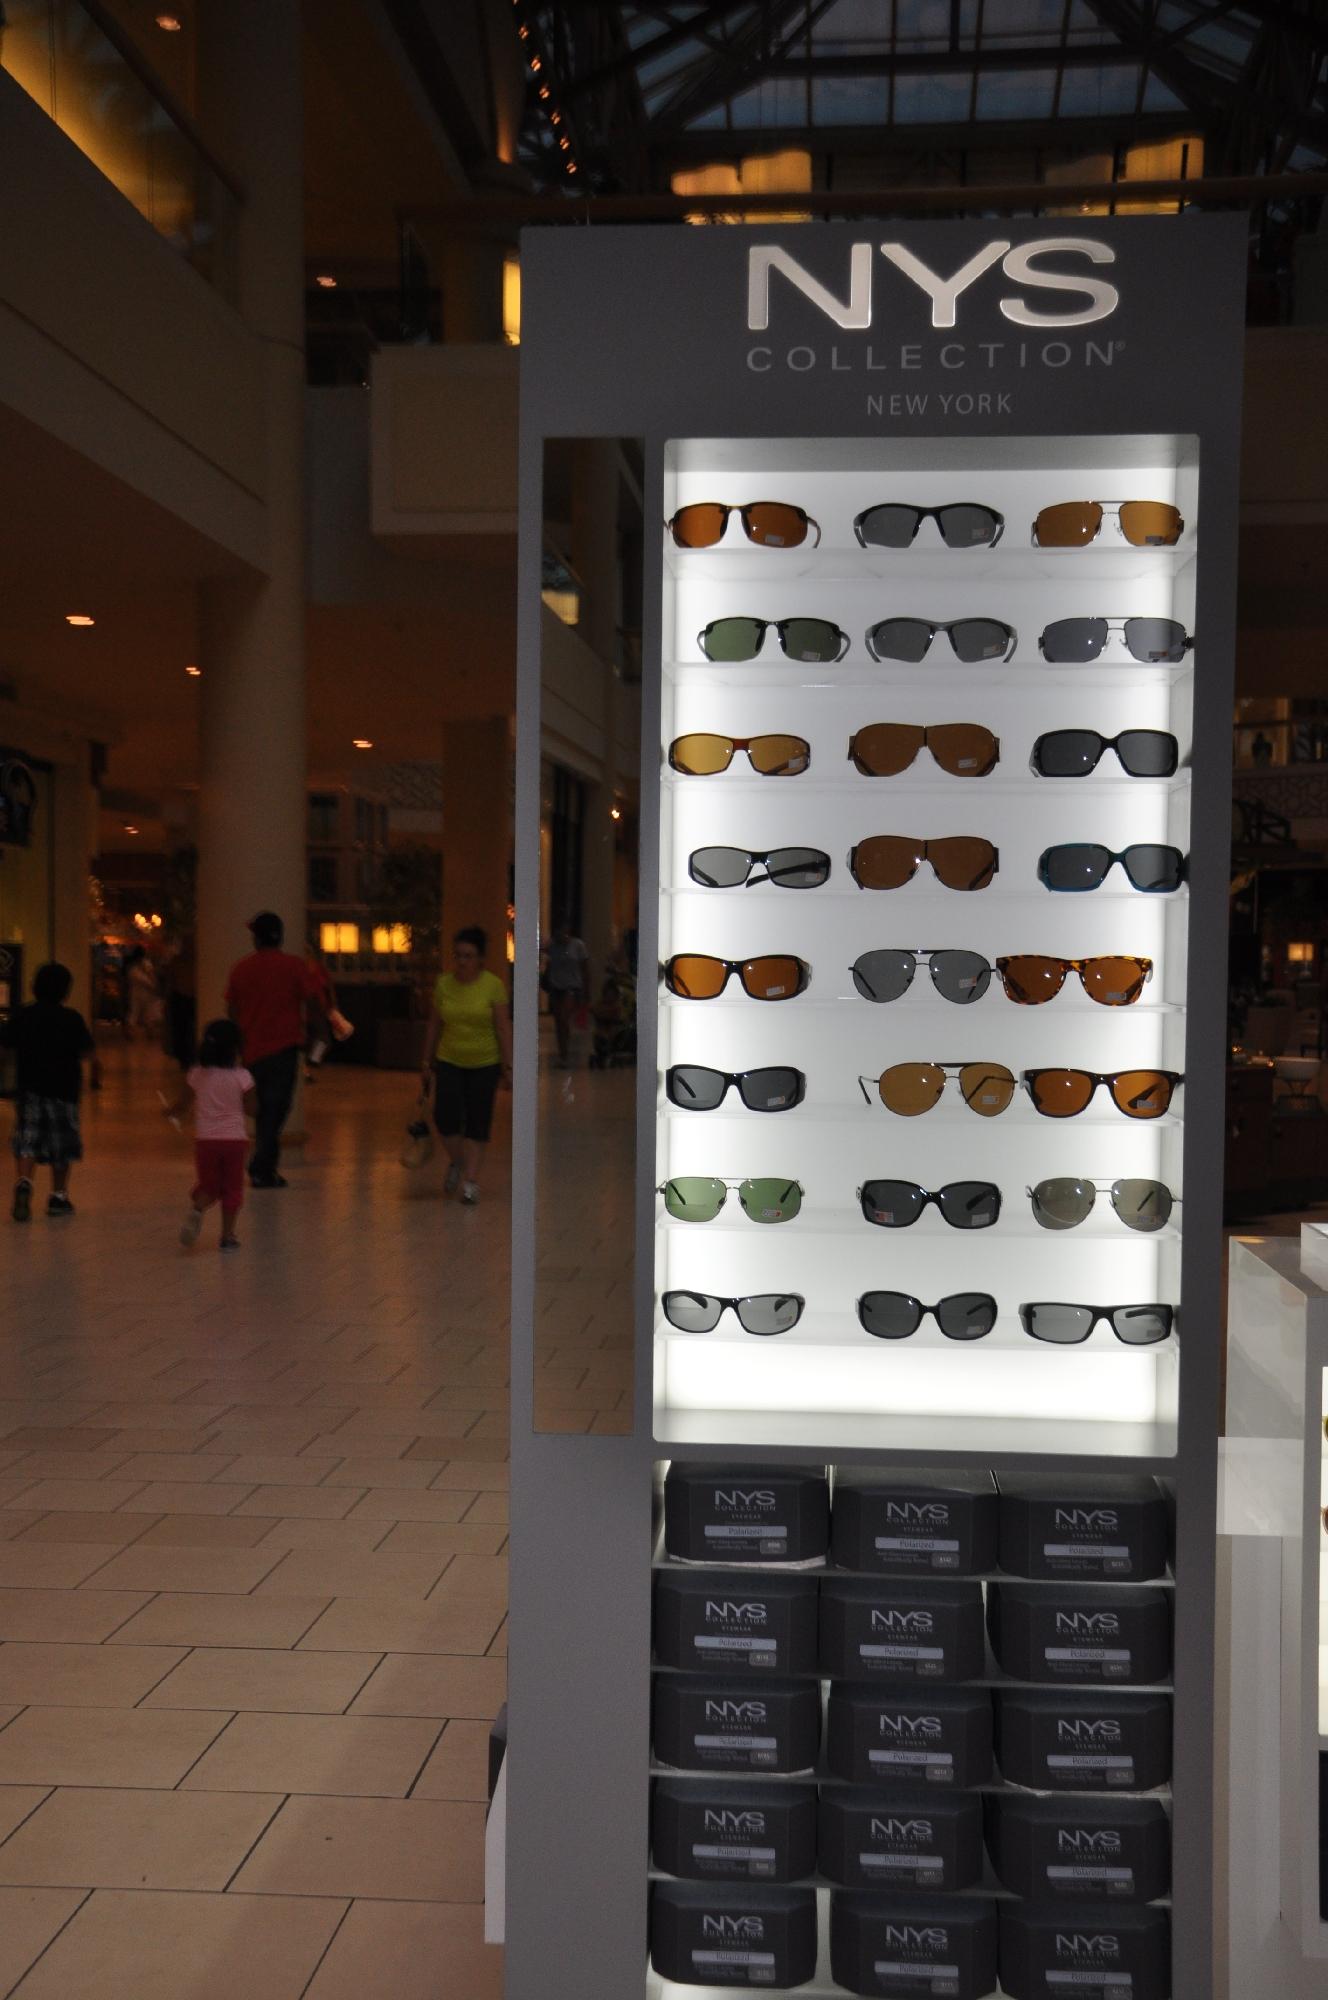 NYS KIOSK Freehold Mall 2012 027__09.jpg